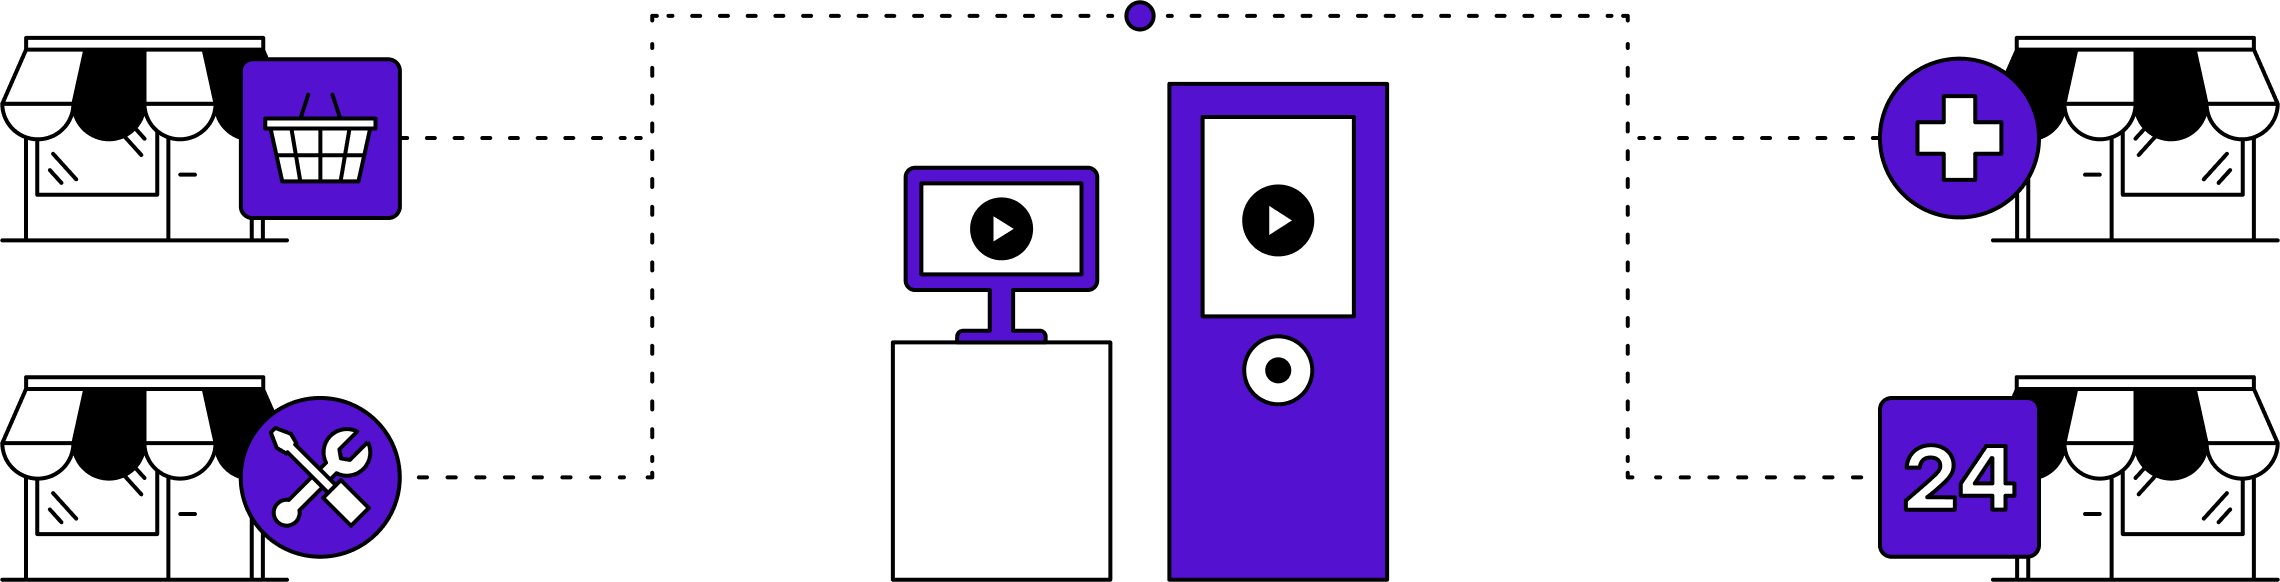 Location Illustration - Clerk